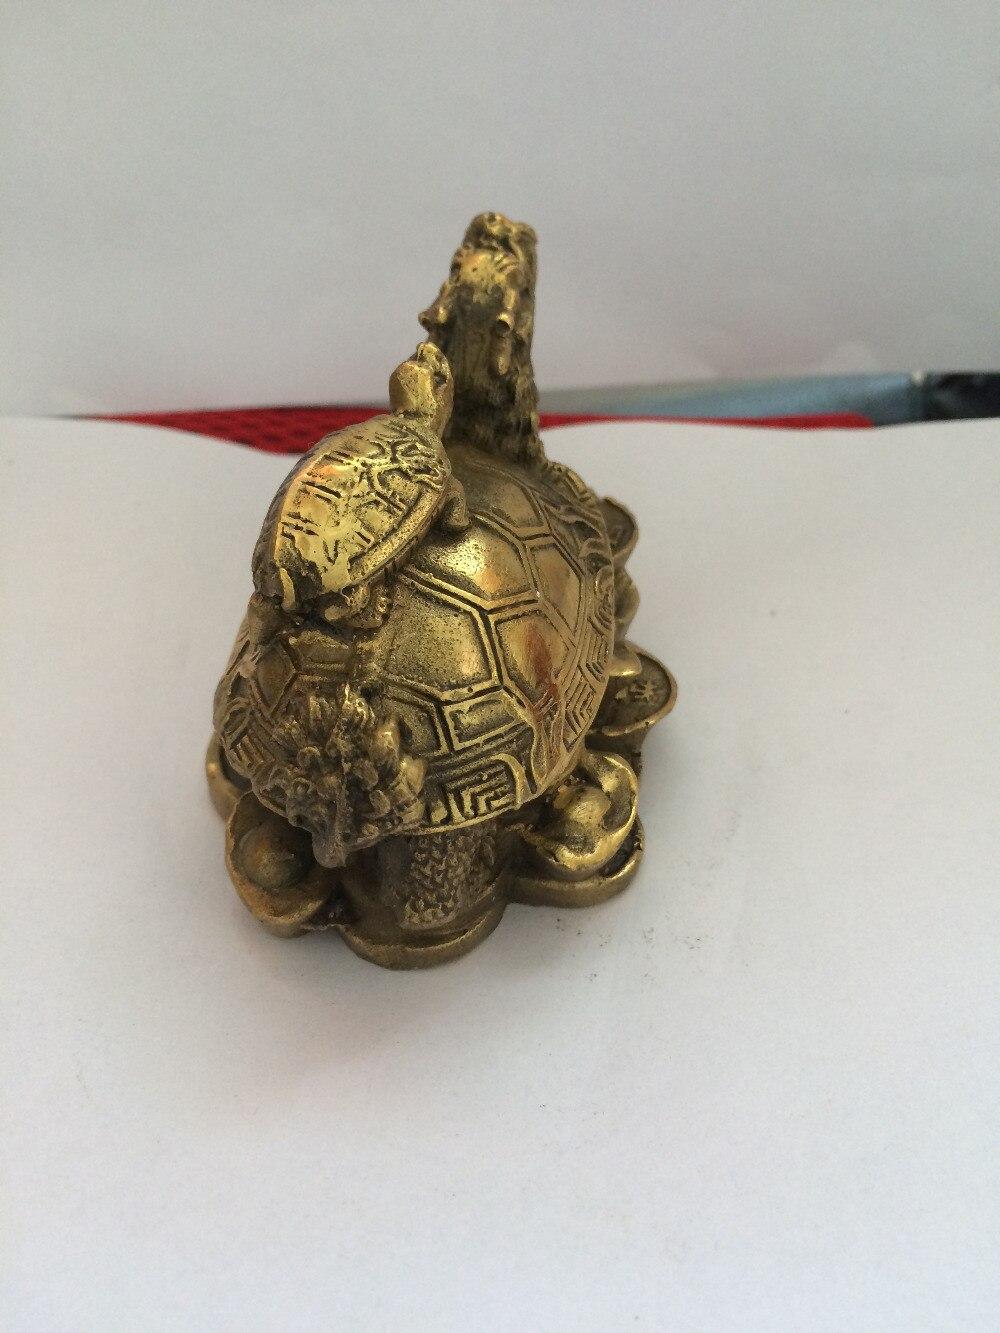 TNUKK chinois laiton richesse argent pièce lingot dragon tortue tortue longévité statue décoration - 4